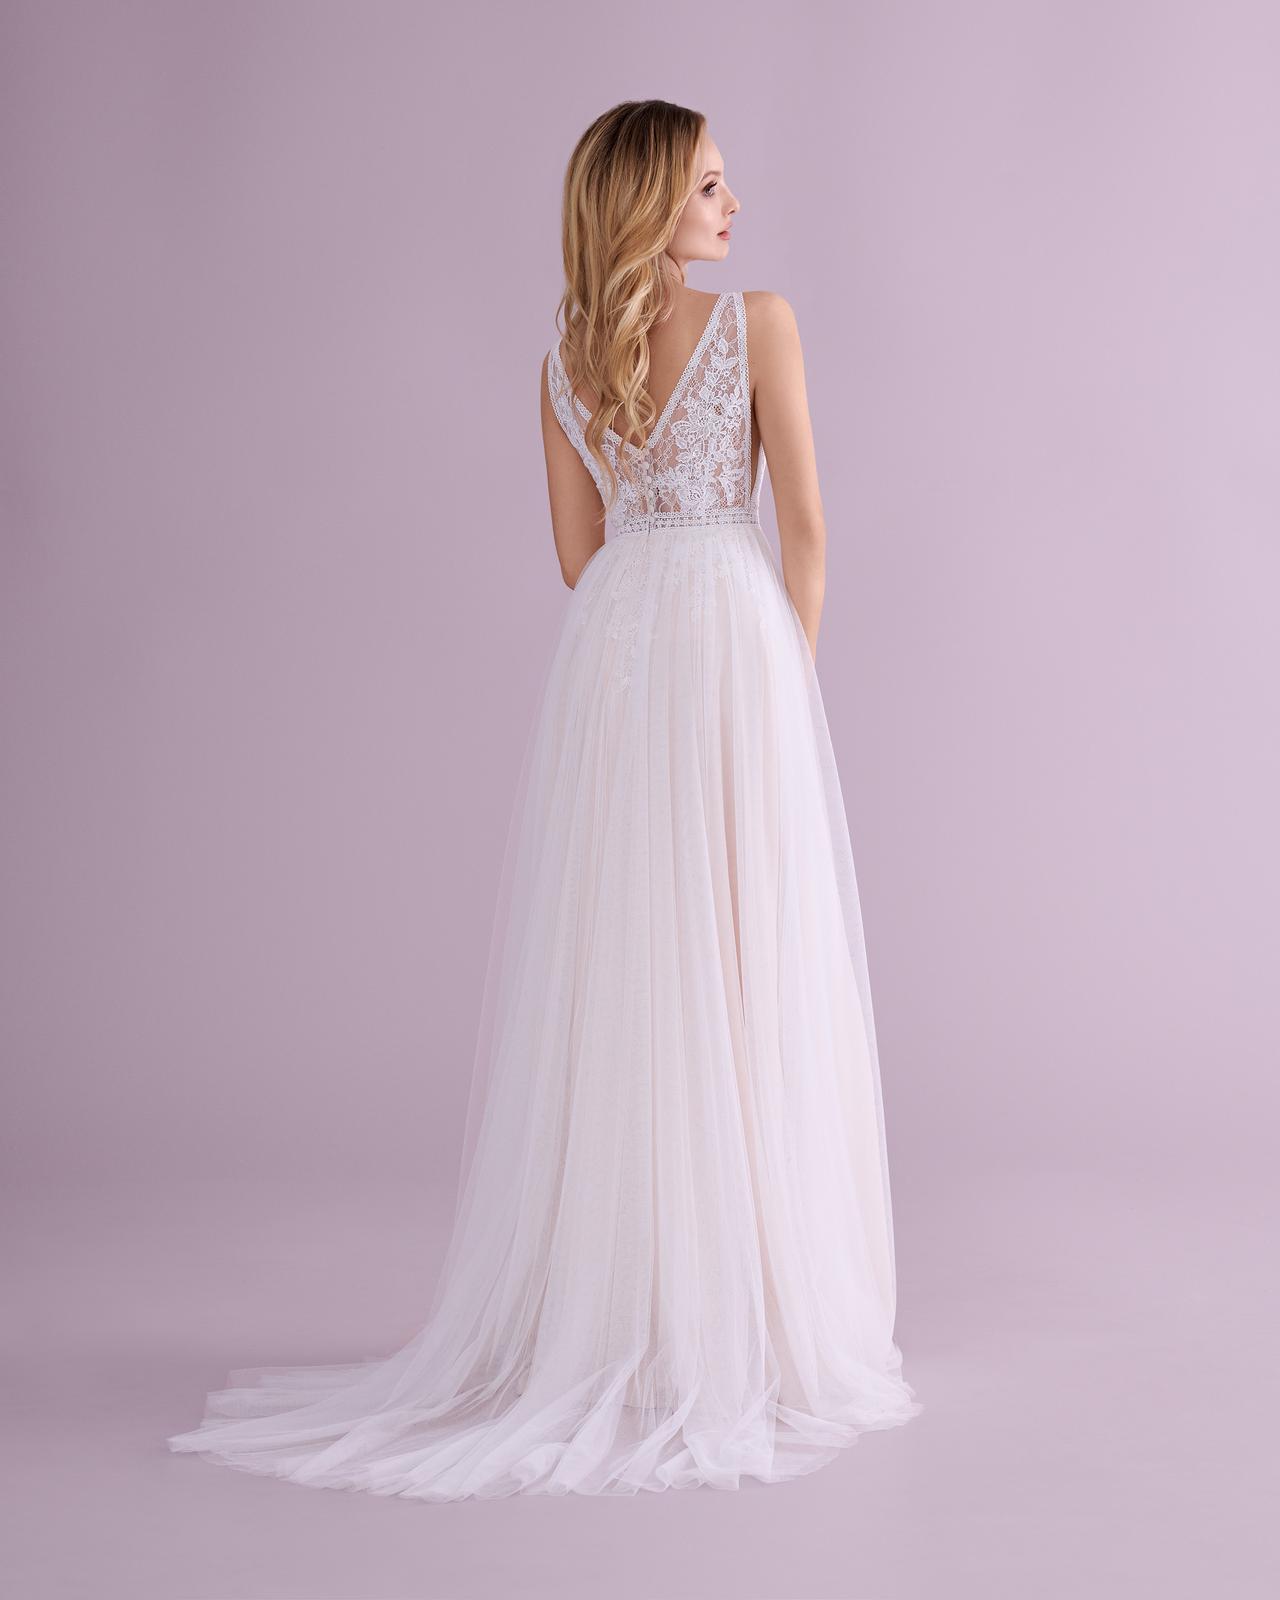 svatbyzbraslav - E-4553 jemné svatební šaty do přírody